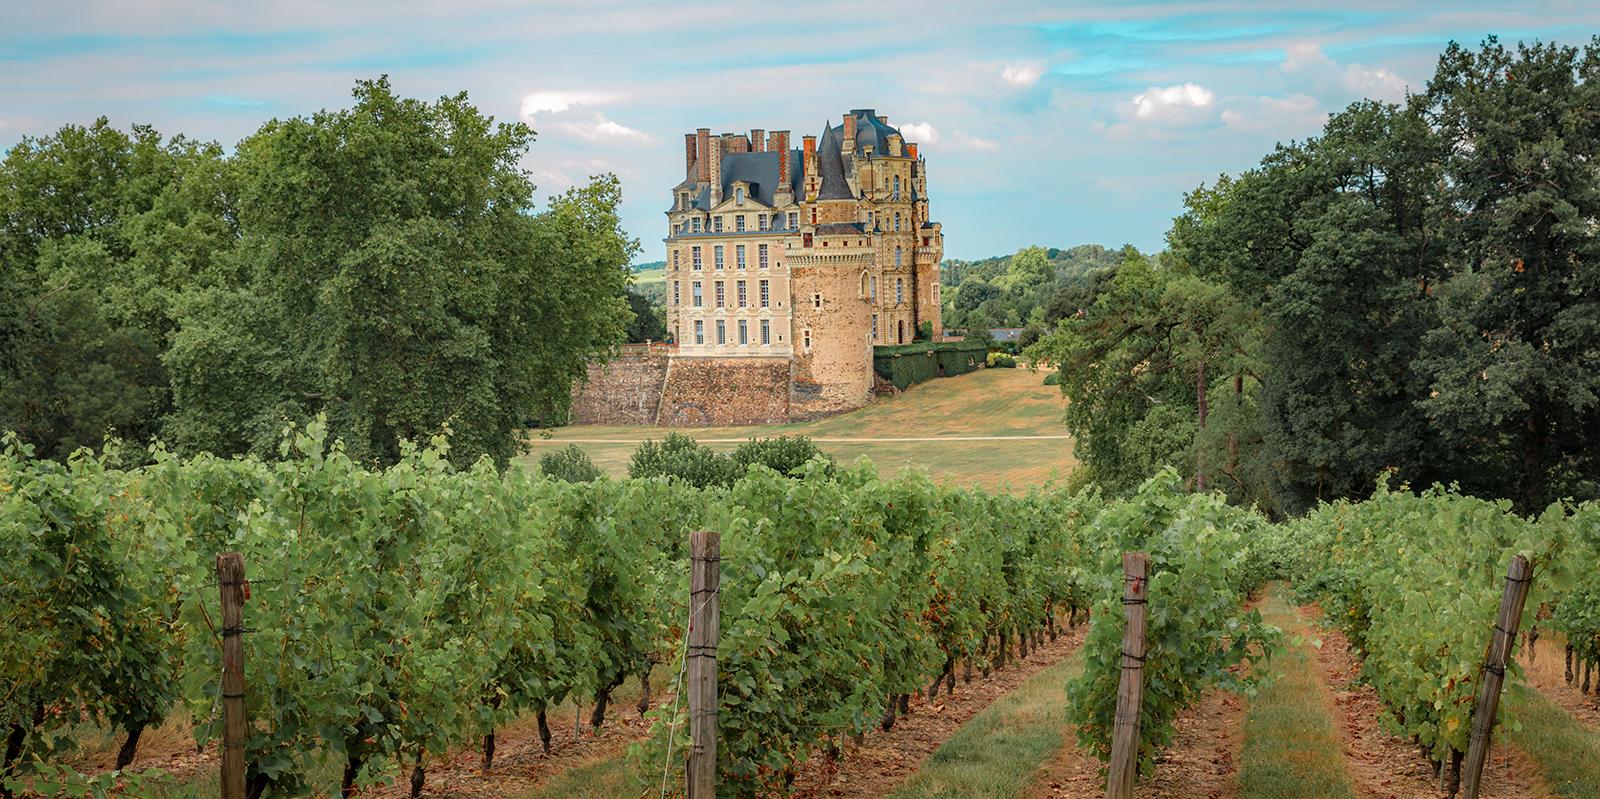 Chateau de brissac vigne